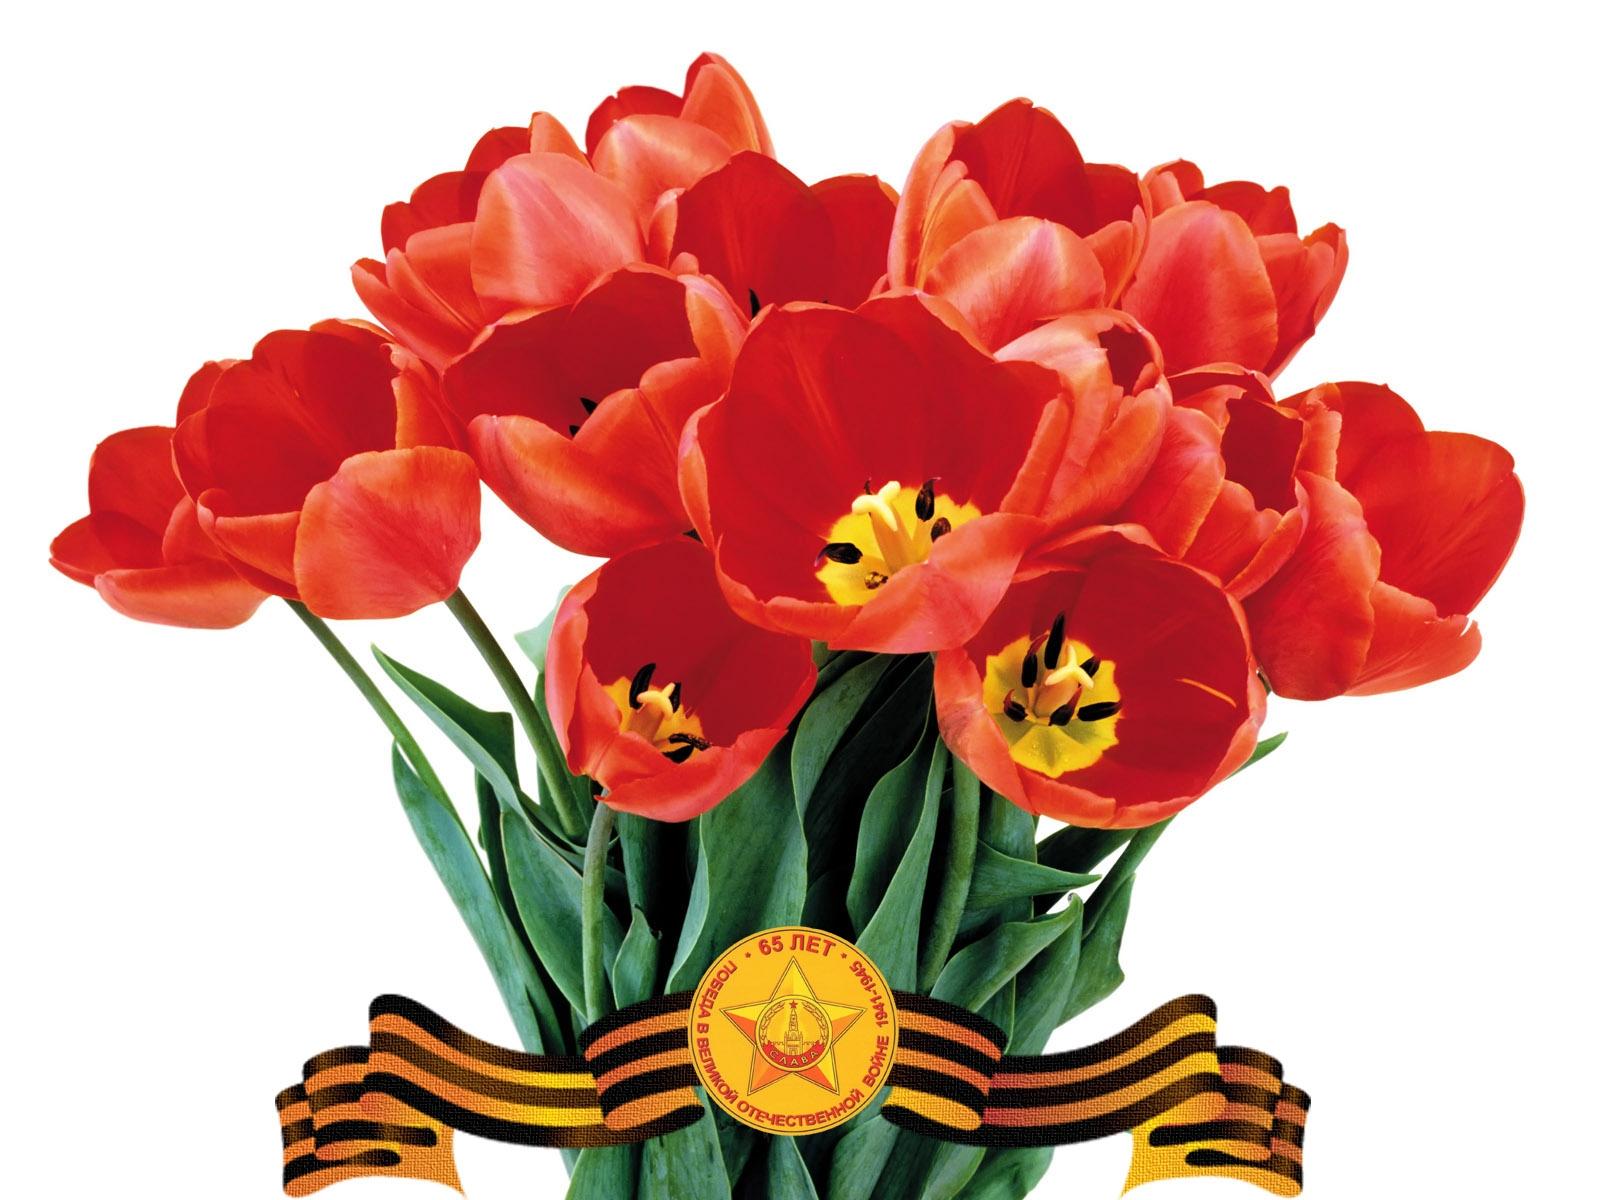 Тюльпаны на день победы открытки фото